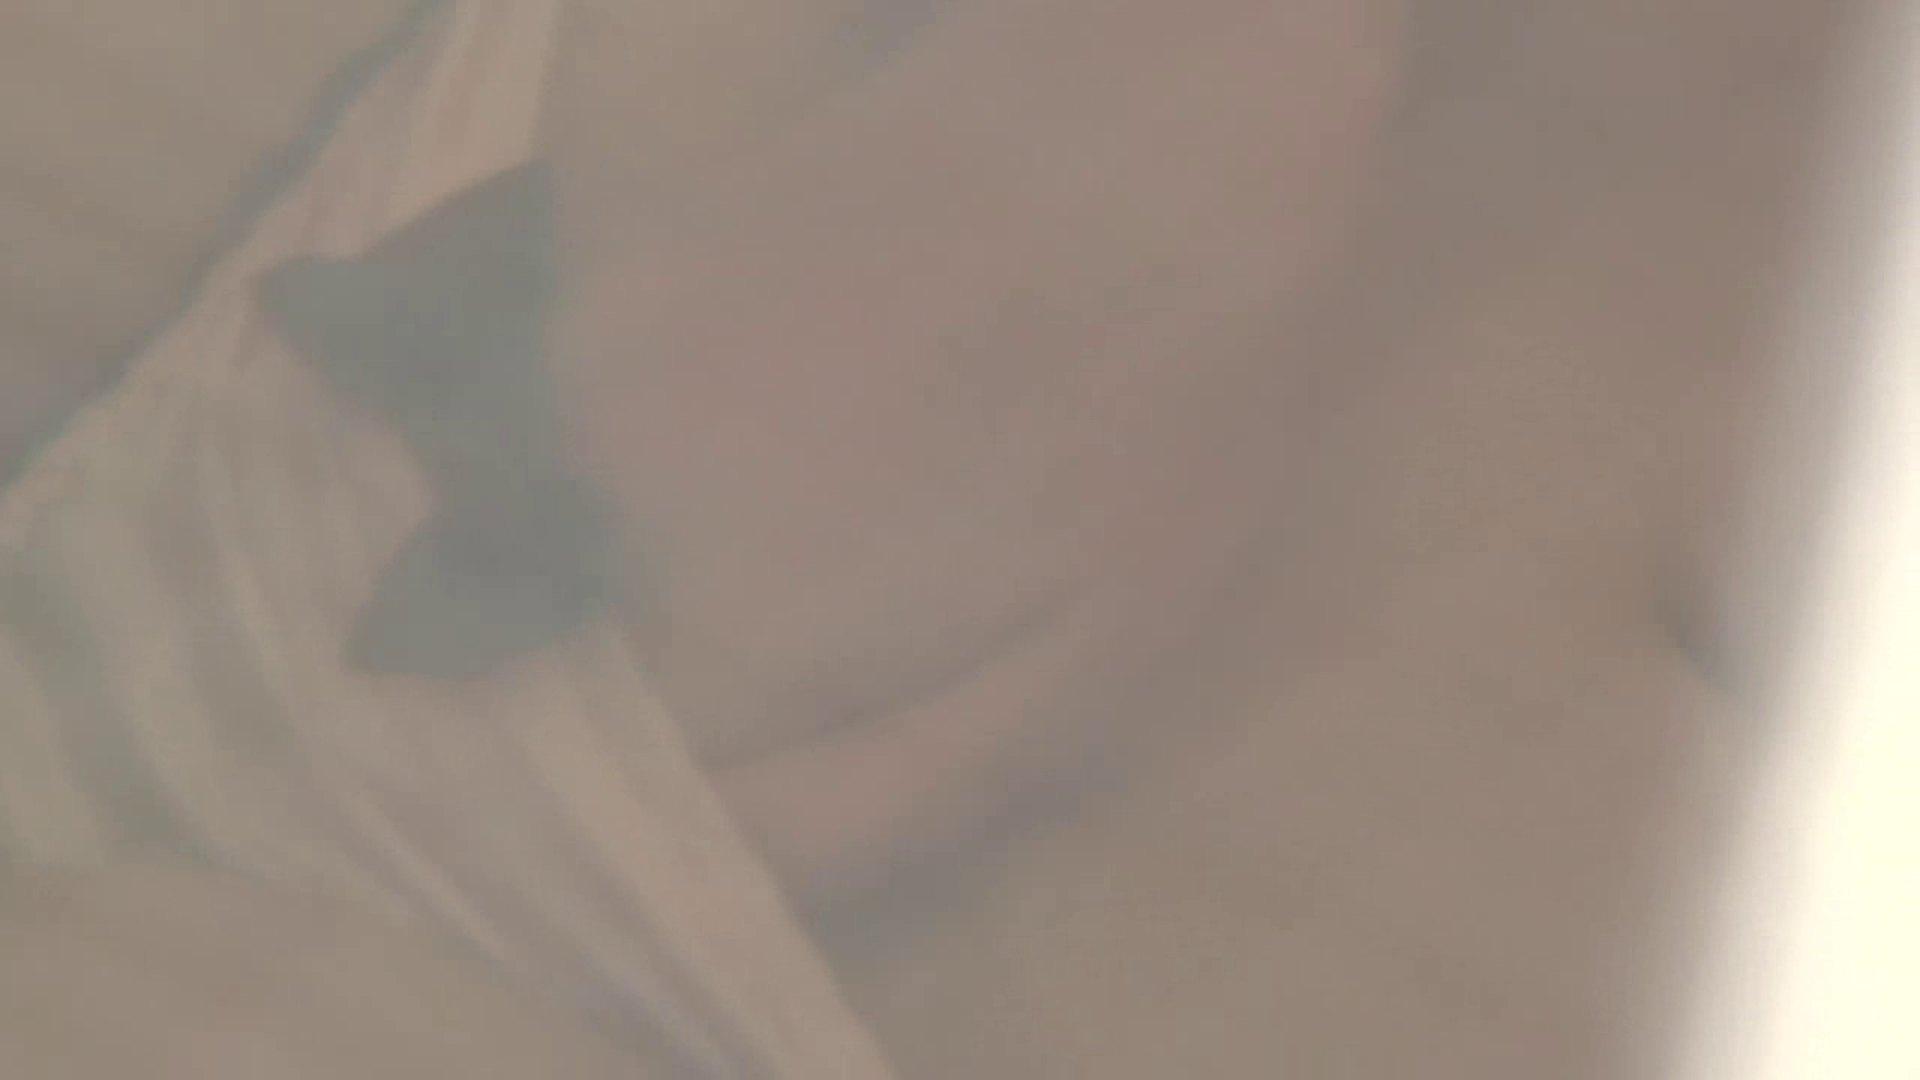 老舗ペンション2代目オーナーが流出したお宝映像Vol.3 エロティックなOL  96画像 30